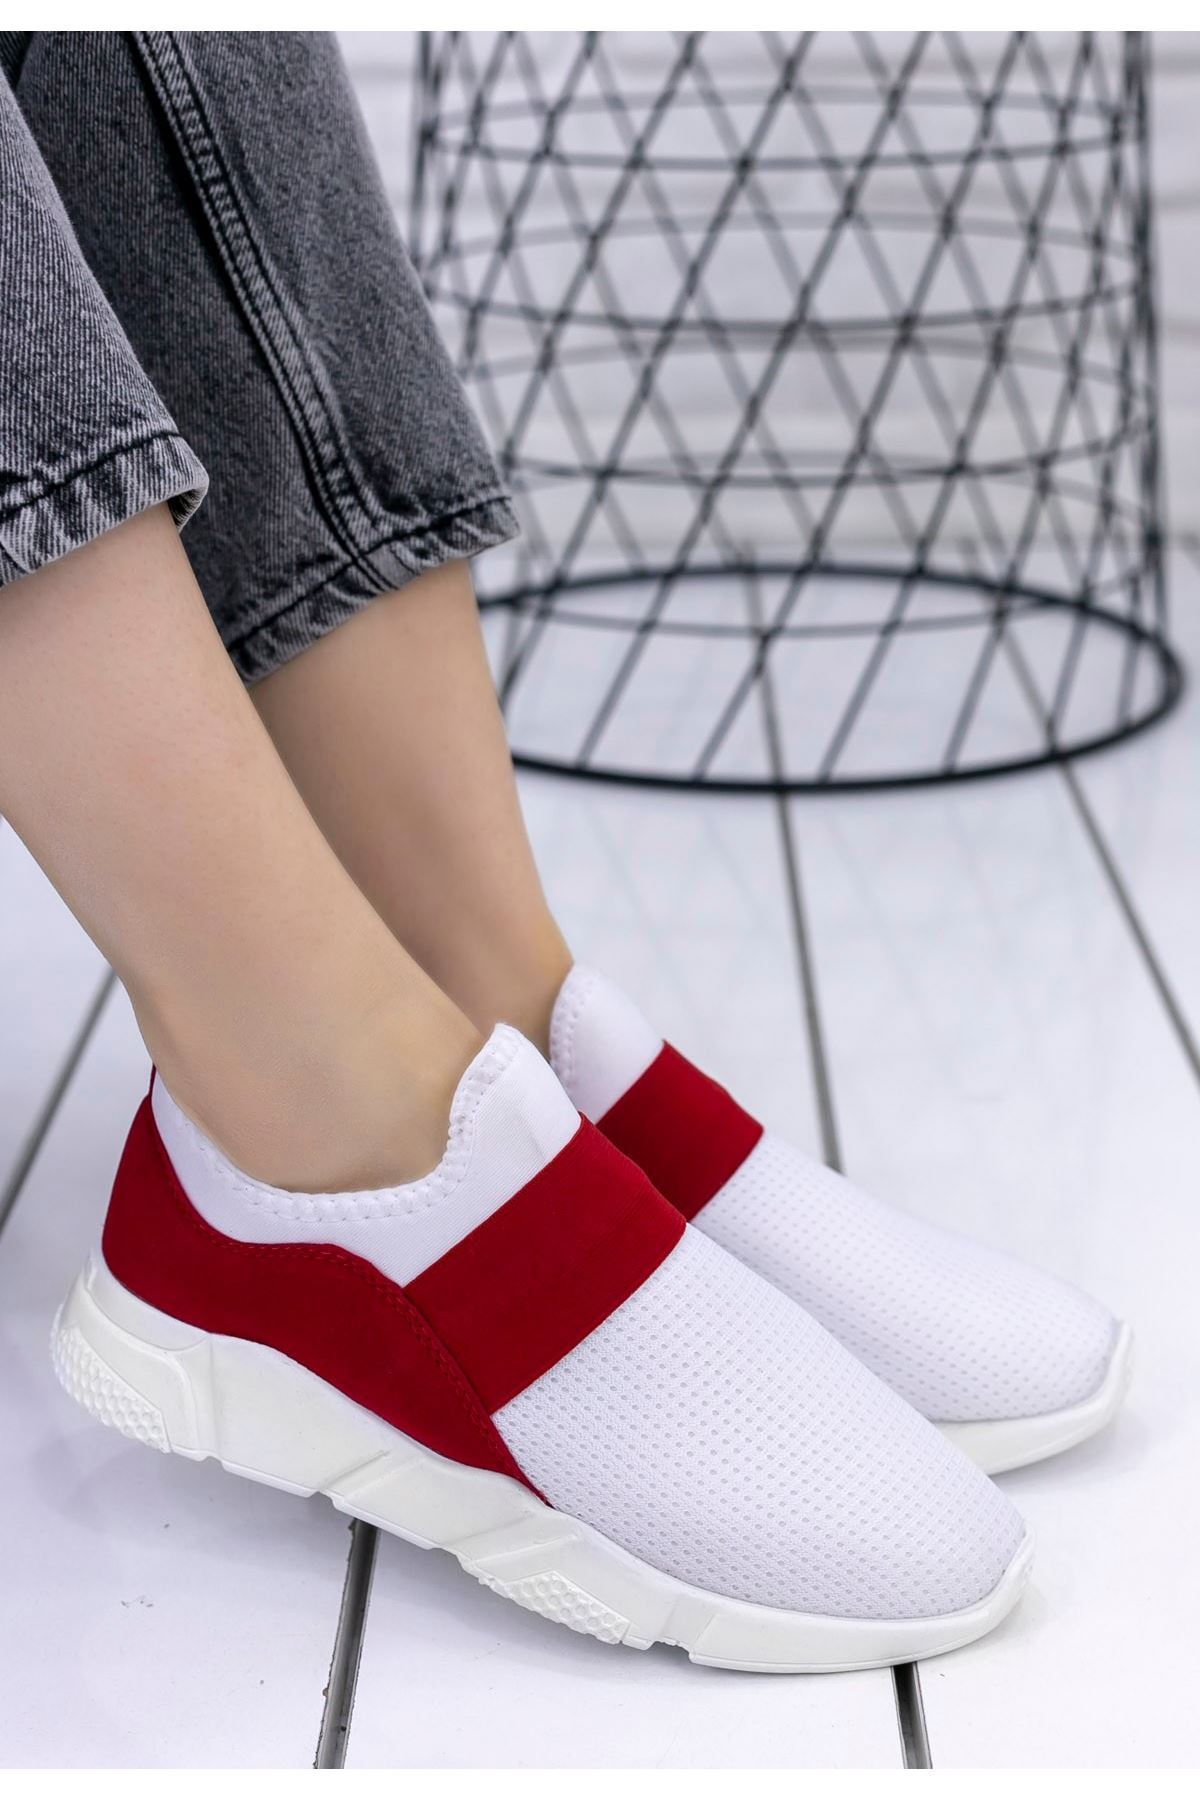 Petri Beyaz Streç Kırmızı Detaylı Spor Ayakkabı